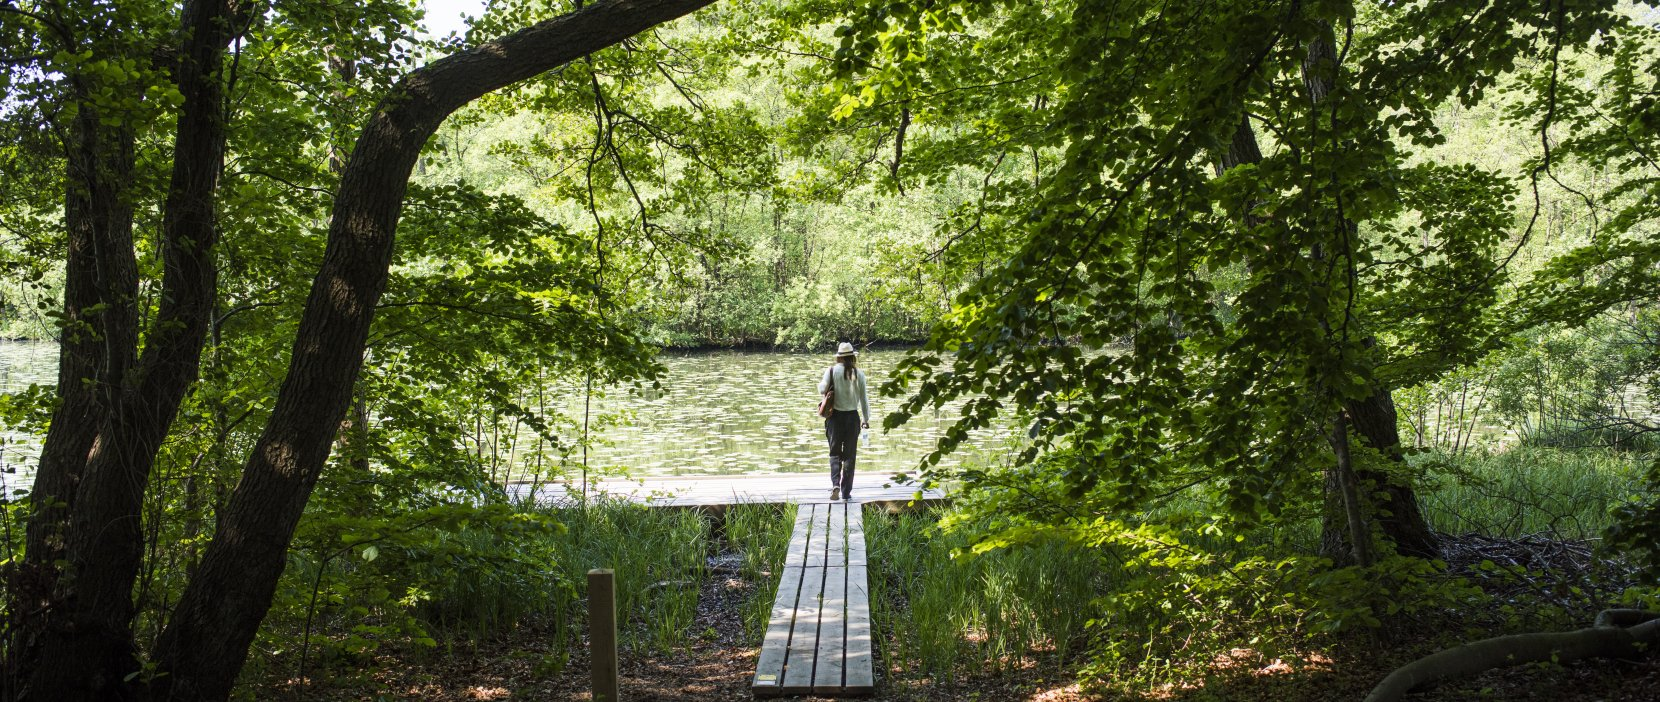 Vaserne - Oplev den smukke natur i Rudersdal